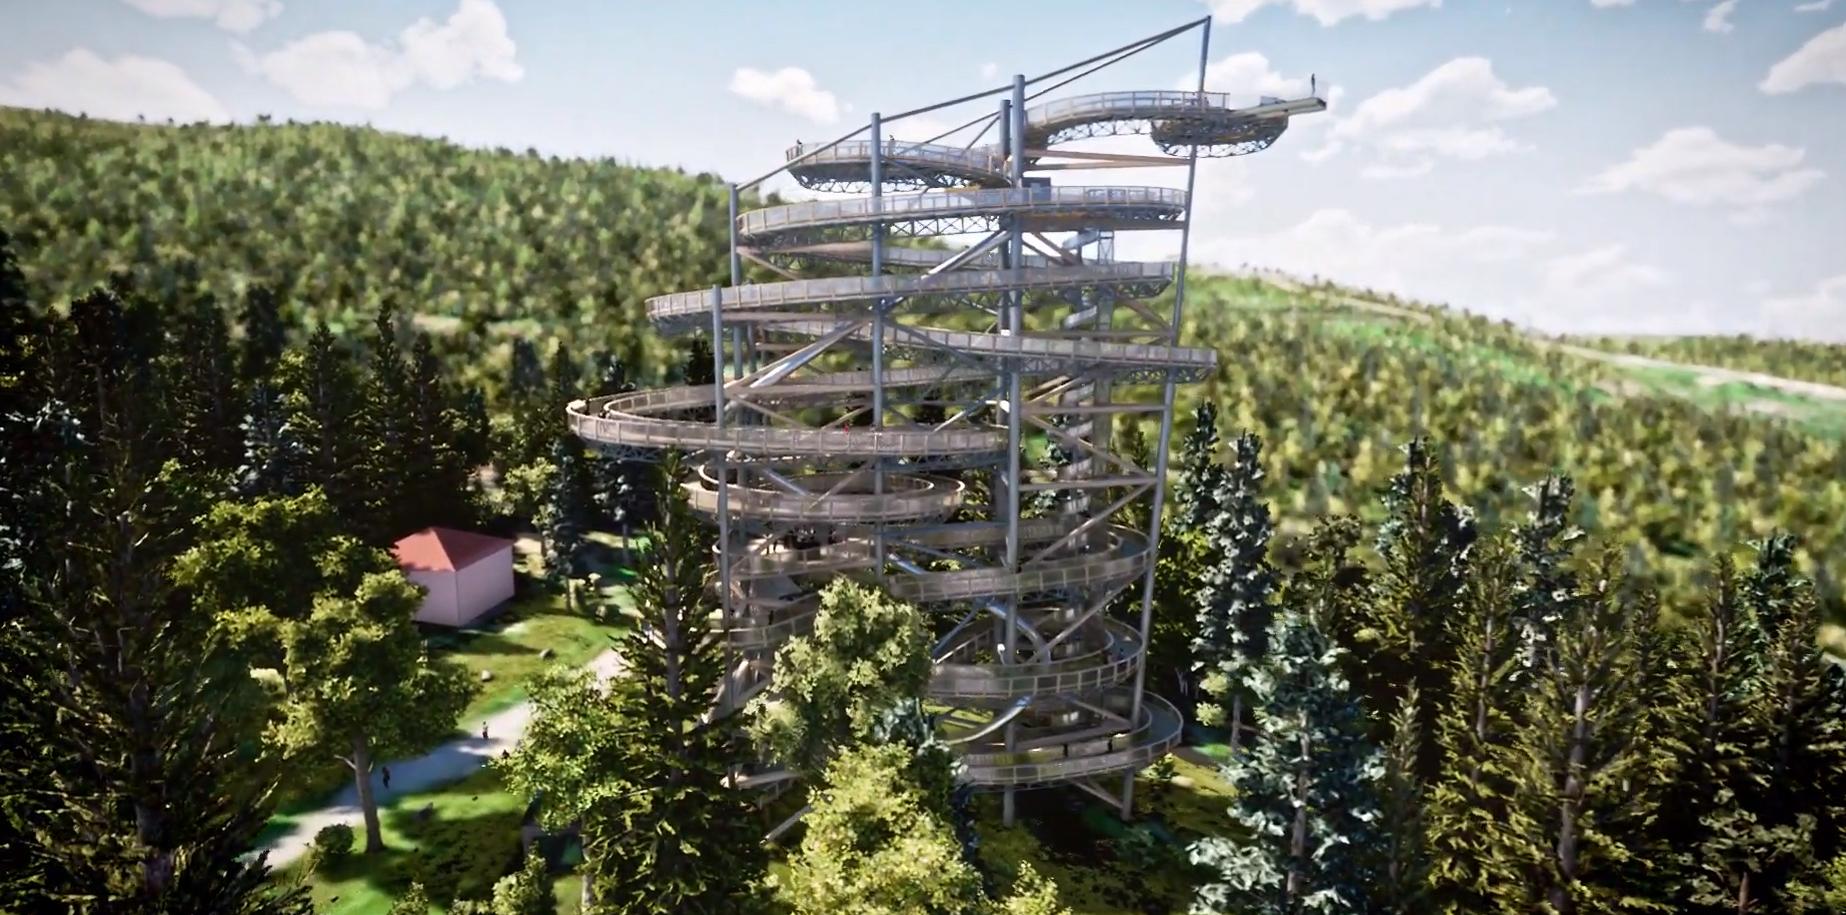 wieża widokowa swieradow zdroj